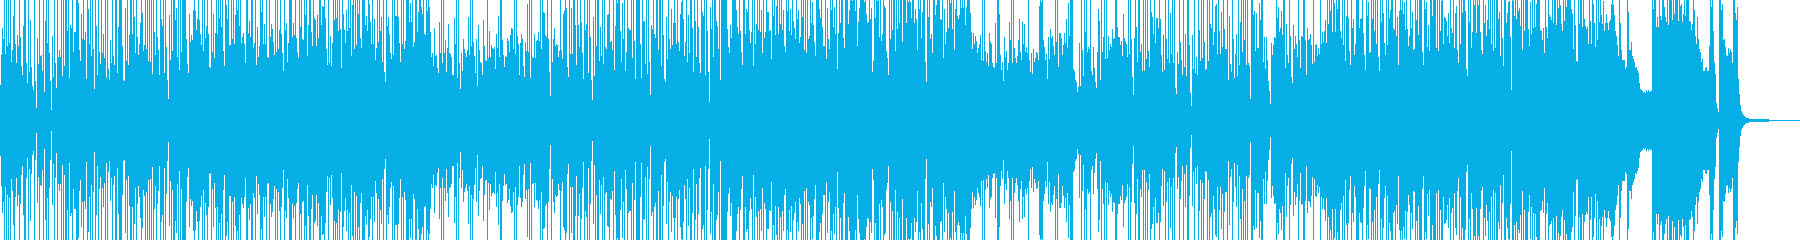 ヒッチハイクで旅するイメージのジャズの再生済みの波形